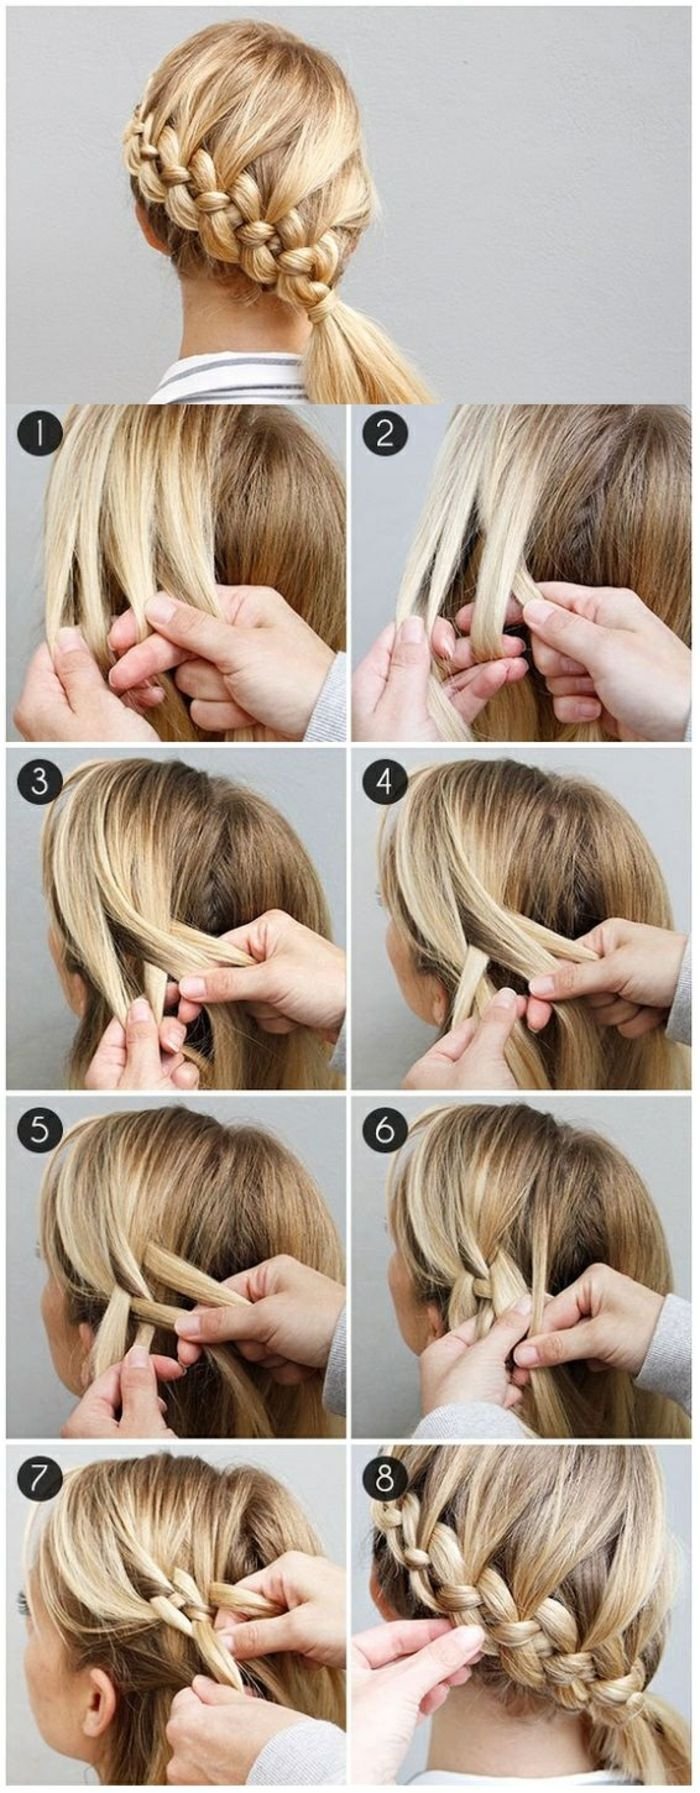 ▷ 1001+ Ideen und Anleitungen, wie Sie geflochtene Frisuren selbst herstellen können